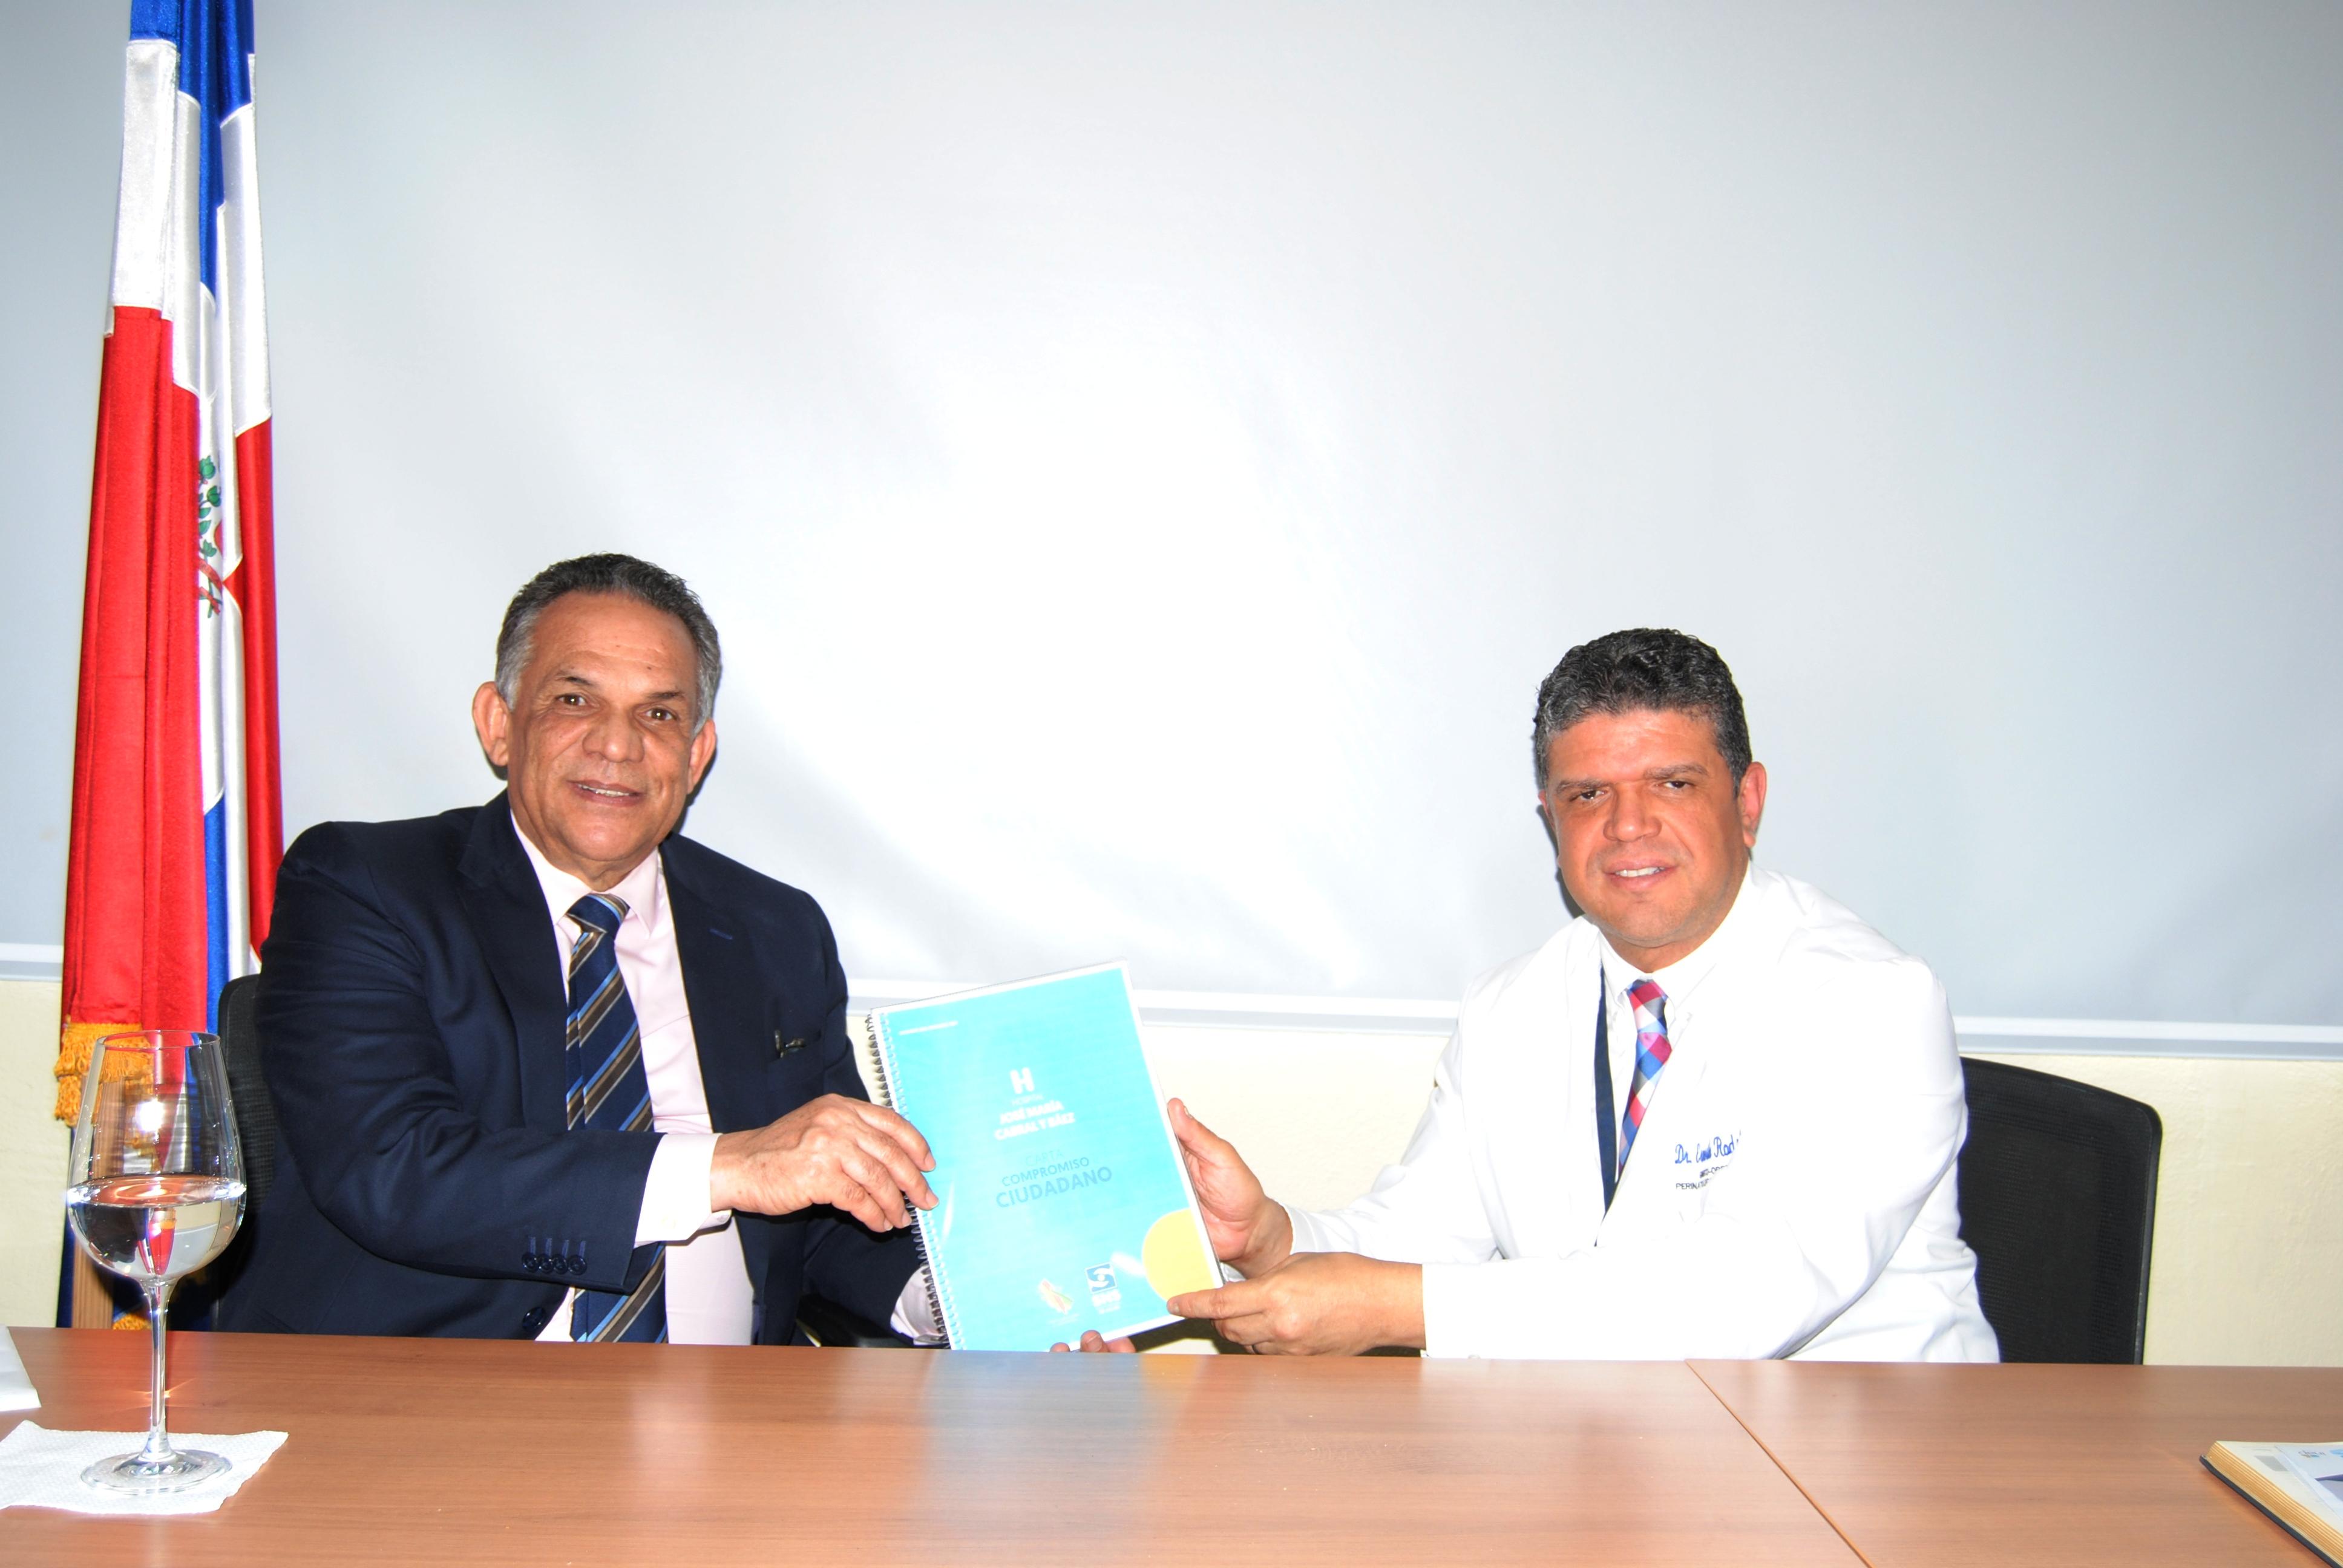 Ministro Ventura Camejo recorre instalaciones hospital Cabral y Báez